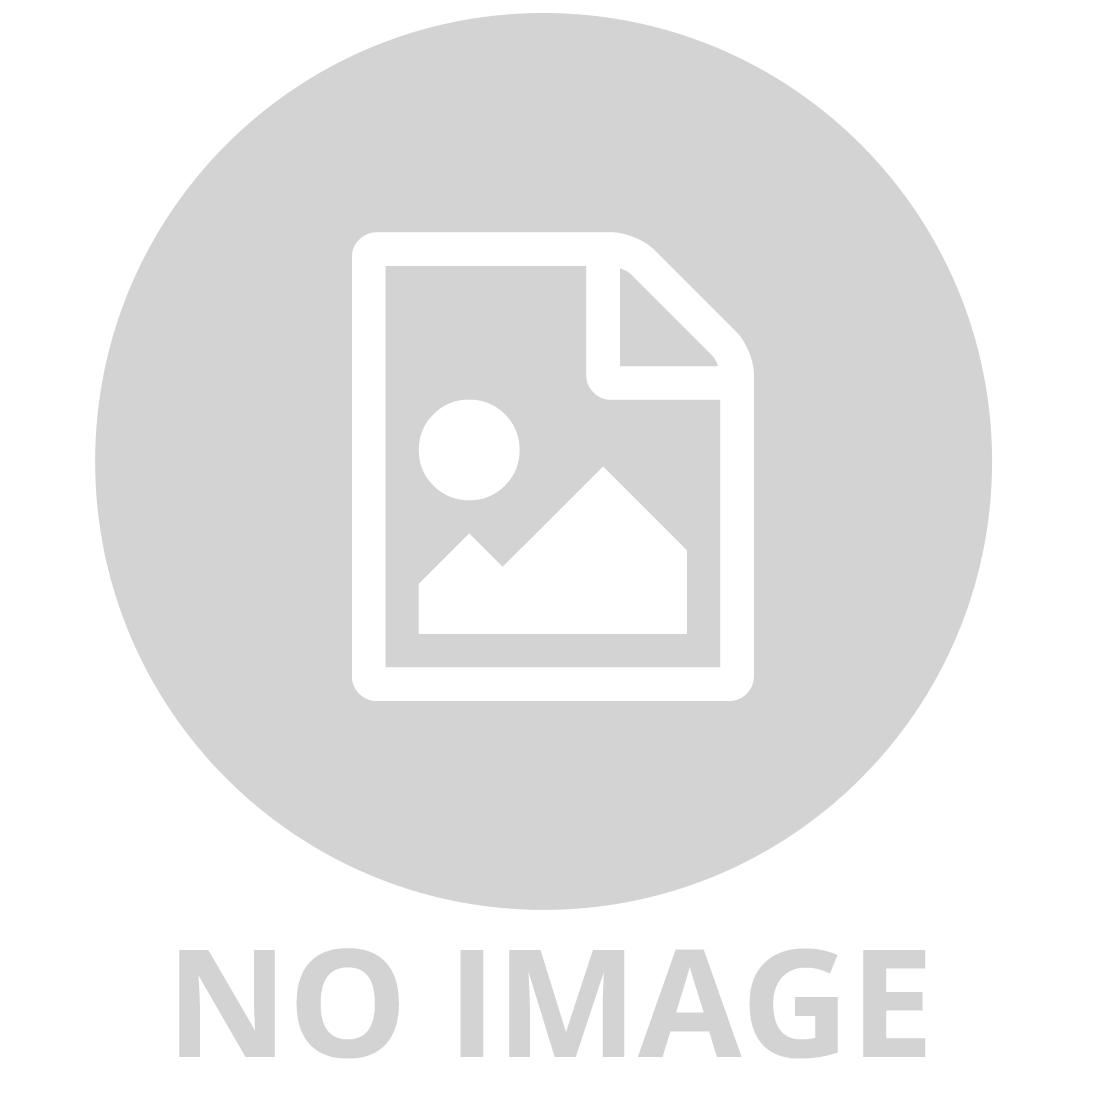 LITTLEST PET SHOP- 2 PET SPECIAL COLLECTION